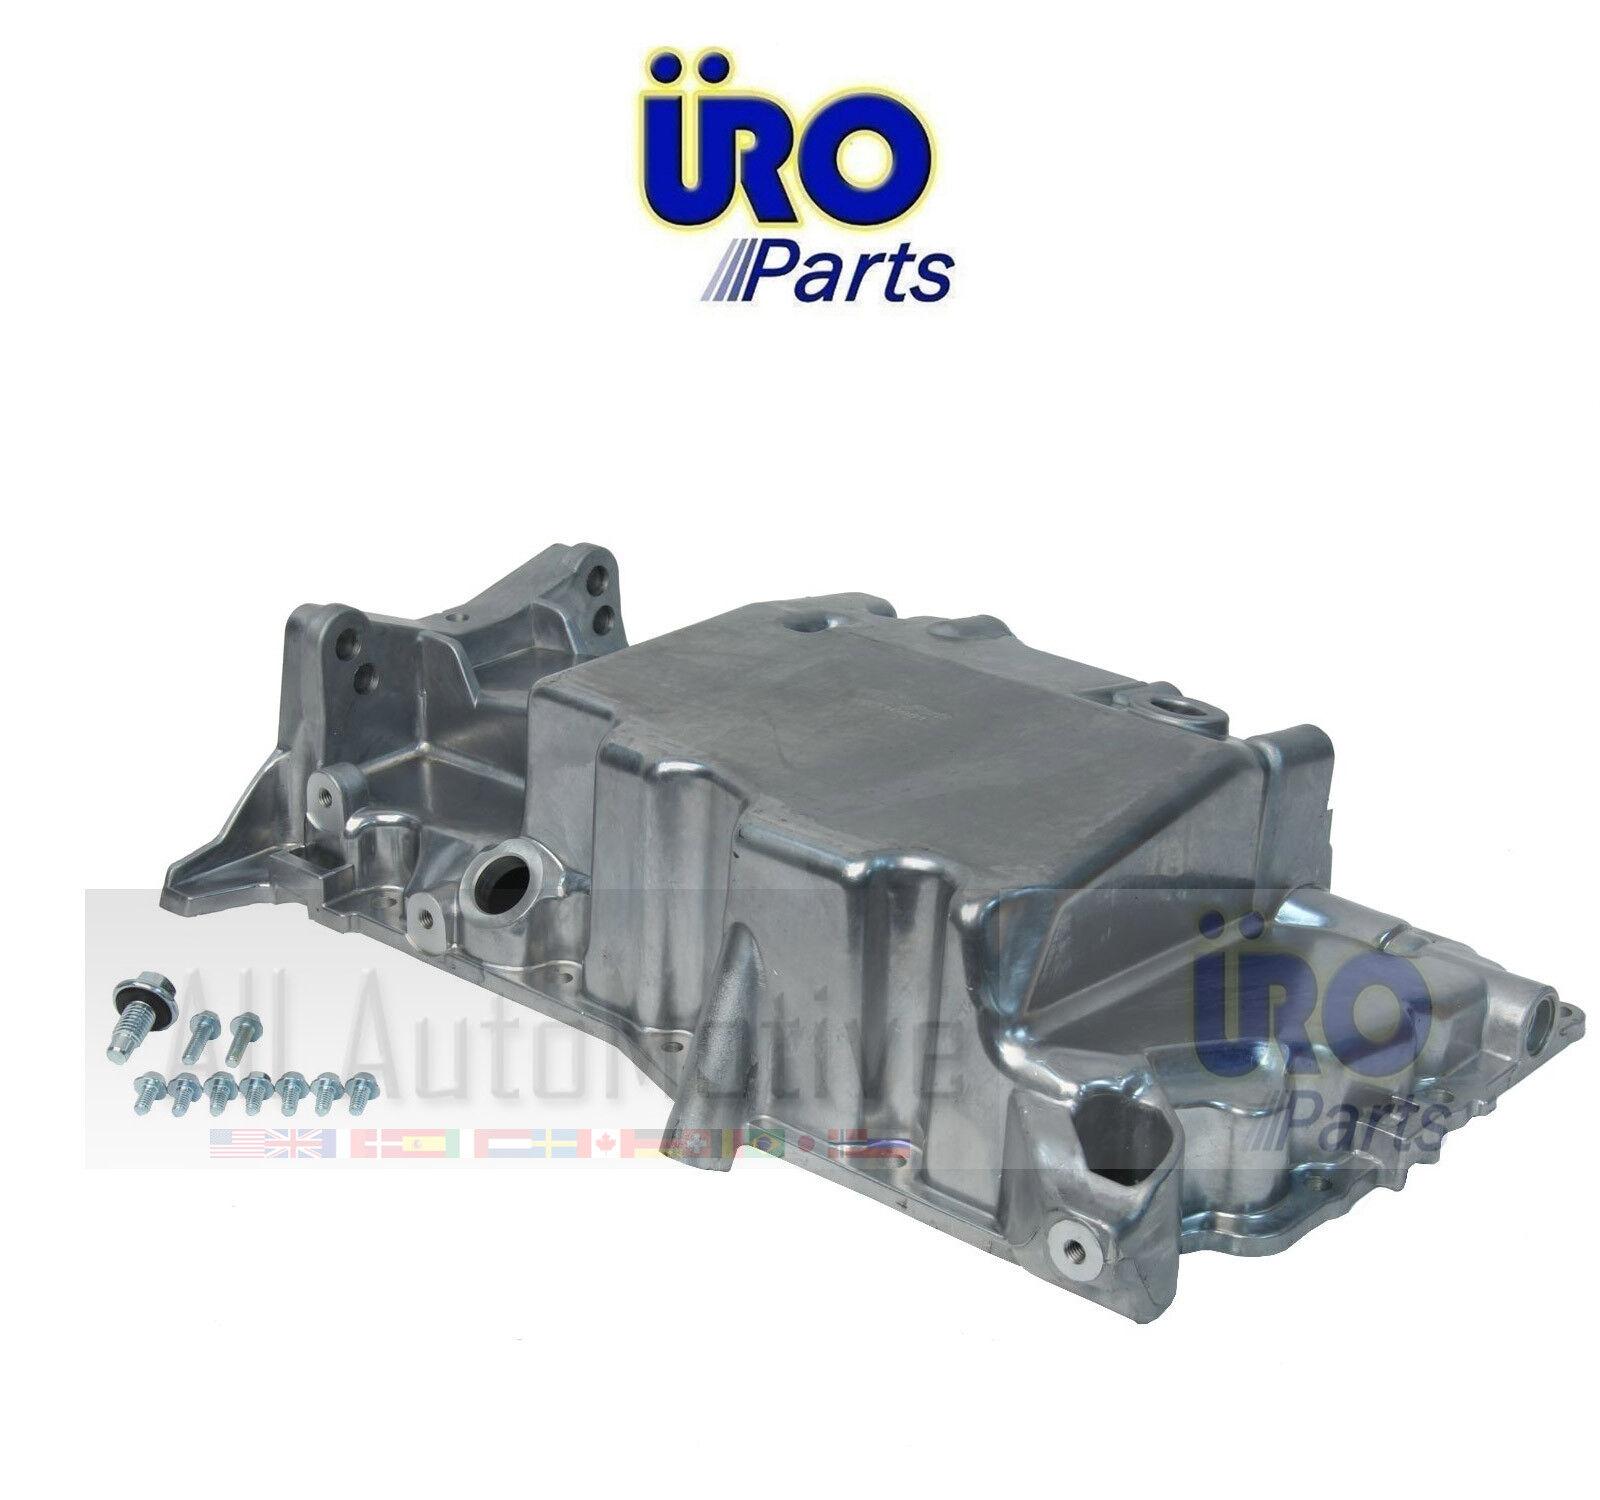 New Oil Pan fits 2003-2011 Saab 9-3 2.0 Turbo B207R 55 558 814